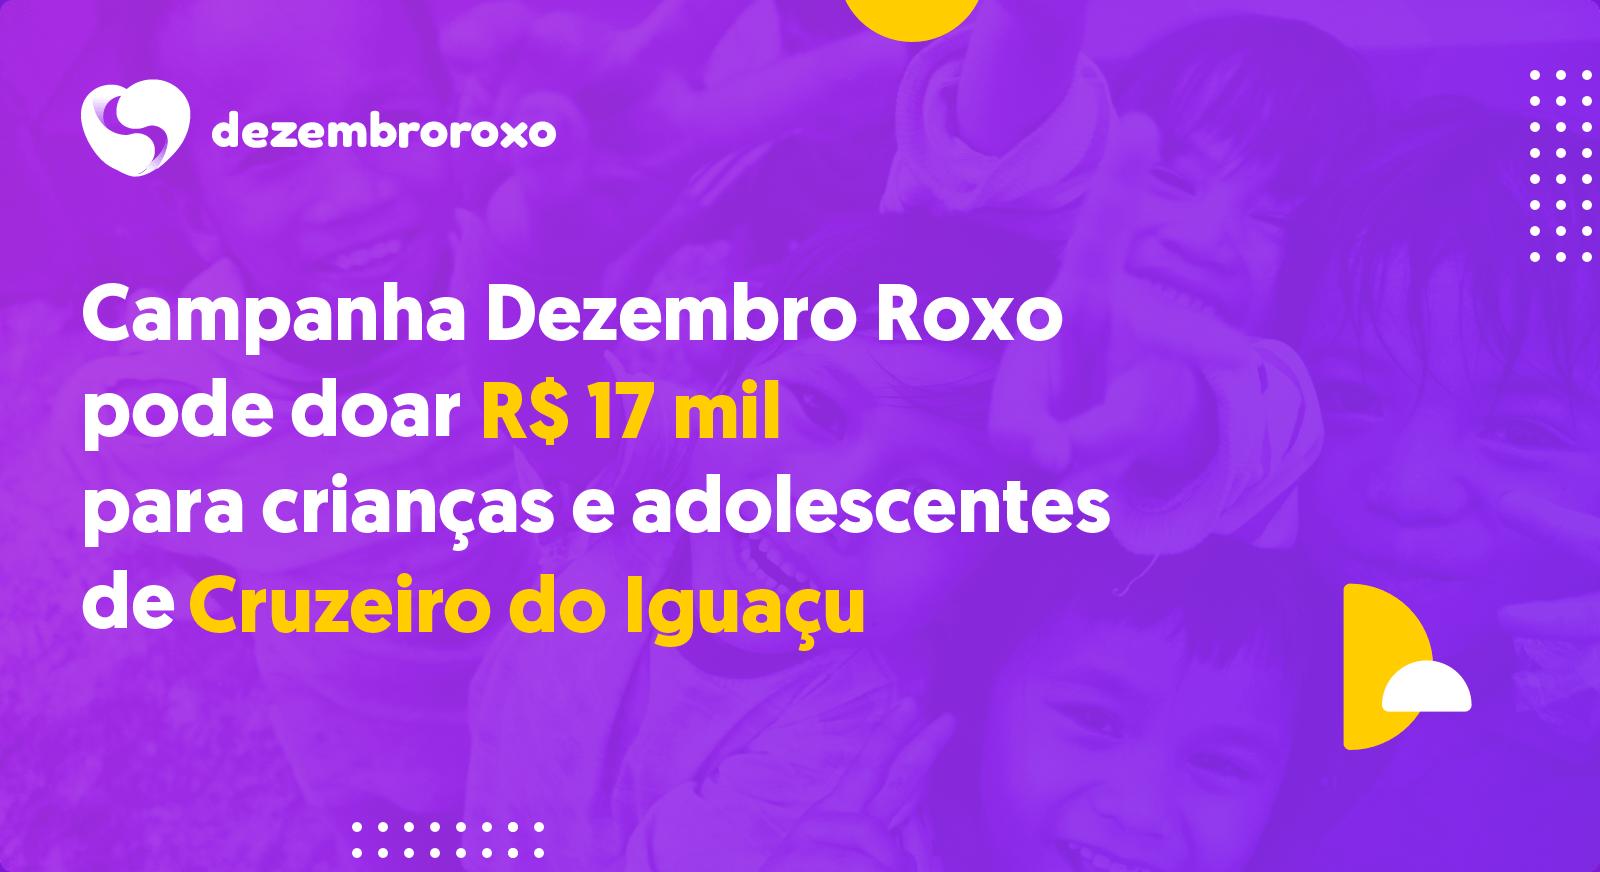 Doações em Cruzeiro do Iguaçu - PR